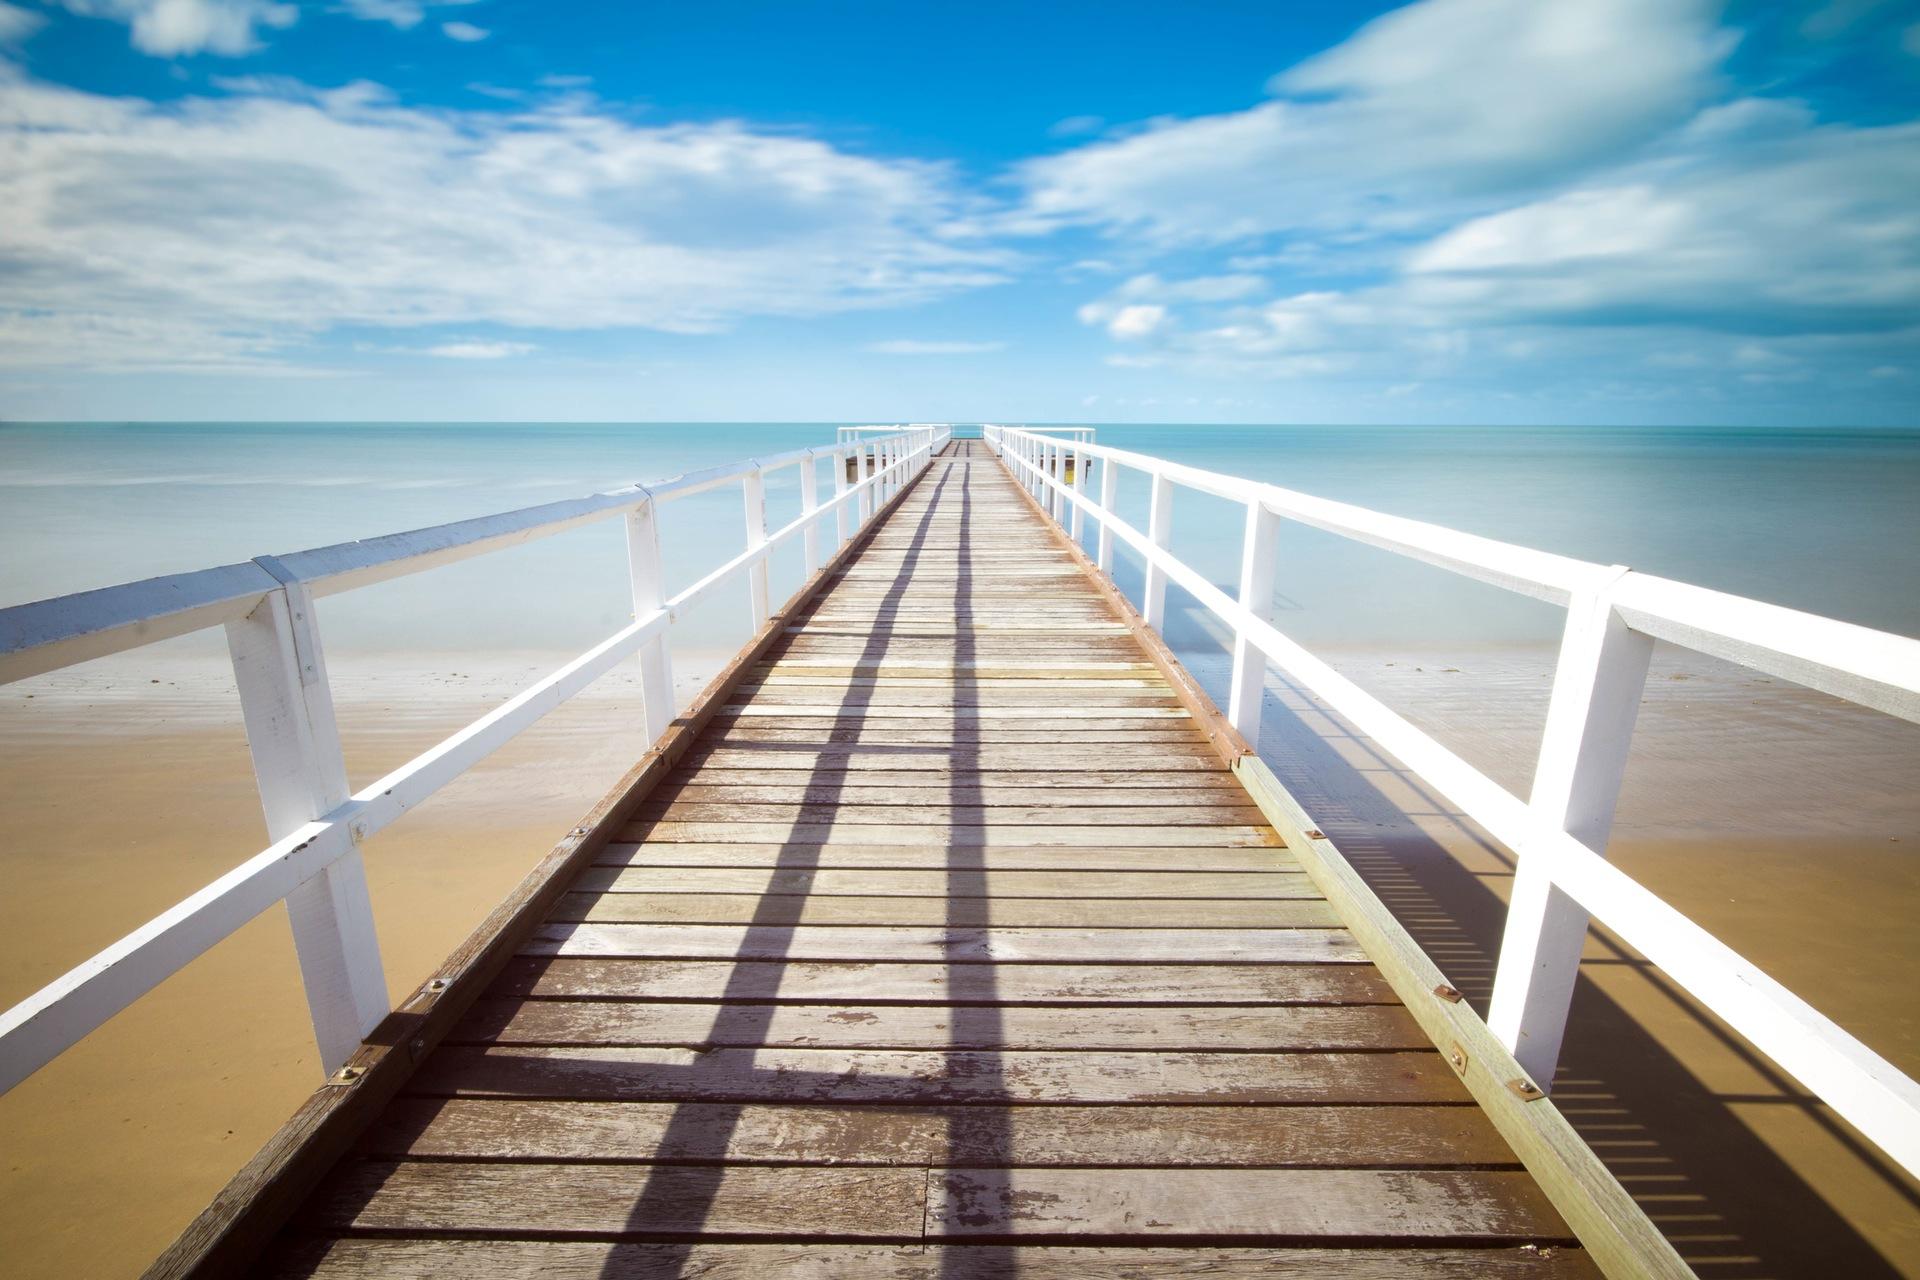 Embarcadero, Strand, Sommer, Entspannen Sie sich, Himmel, Meer, Wasser, Blau - Wallpaper HD - Prof.-falken.com